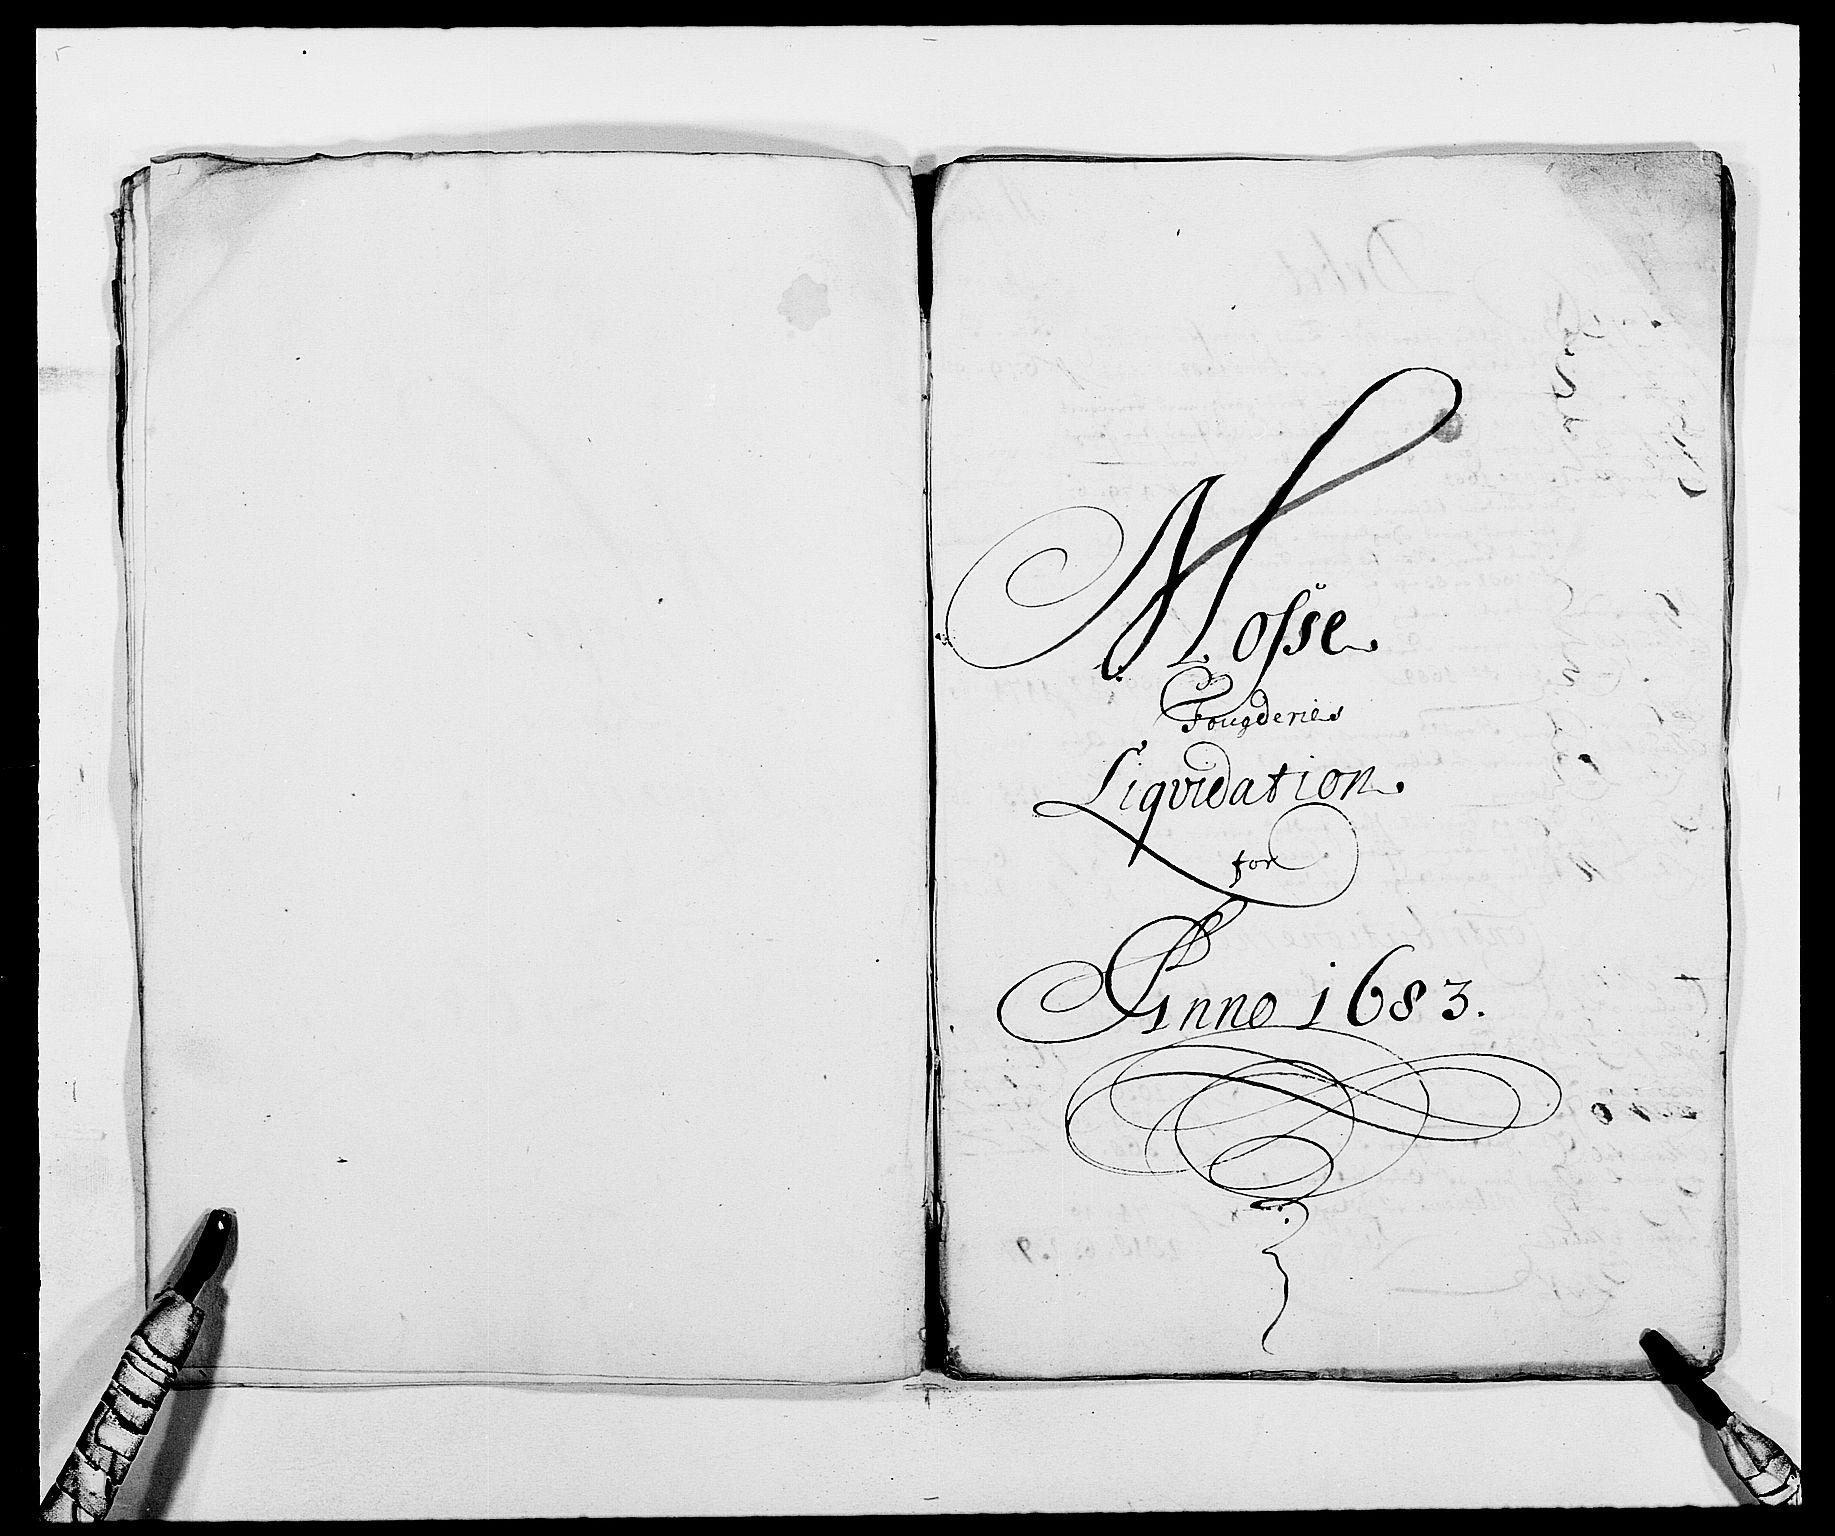 RA, Rentekammeret inntil 1814, Reviderte regnskaper, Fogderegnskap, R02/L0104: Fogderegnskap Moss og Verne kloster, 1682-1684, s. 9